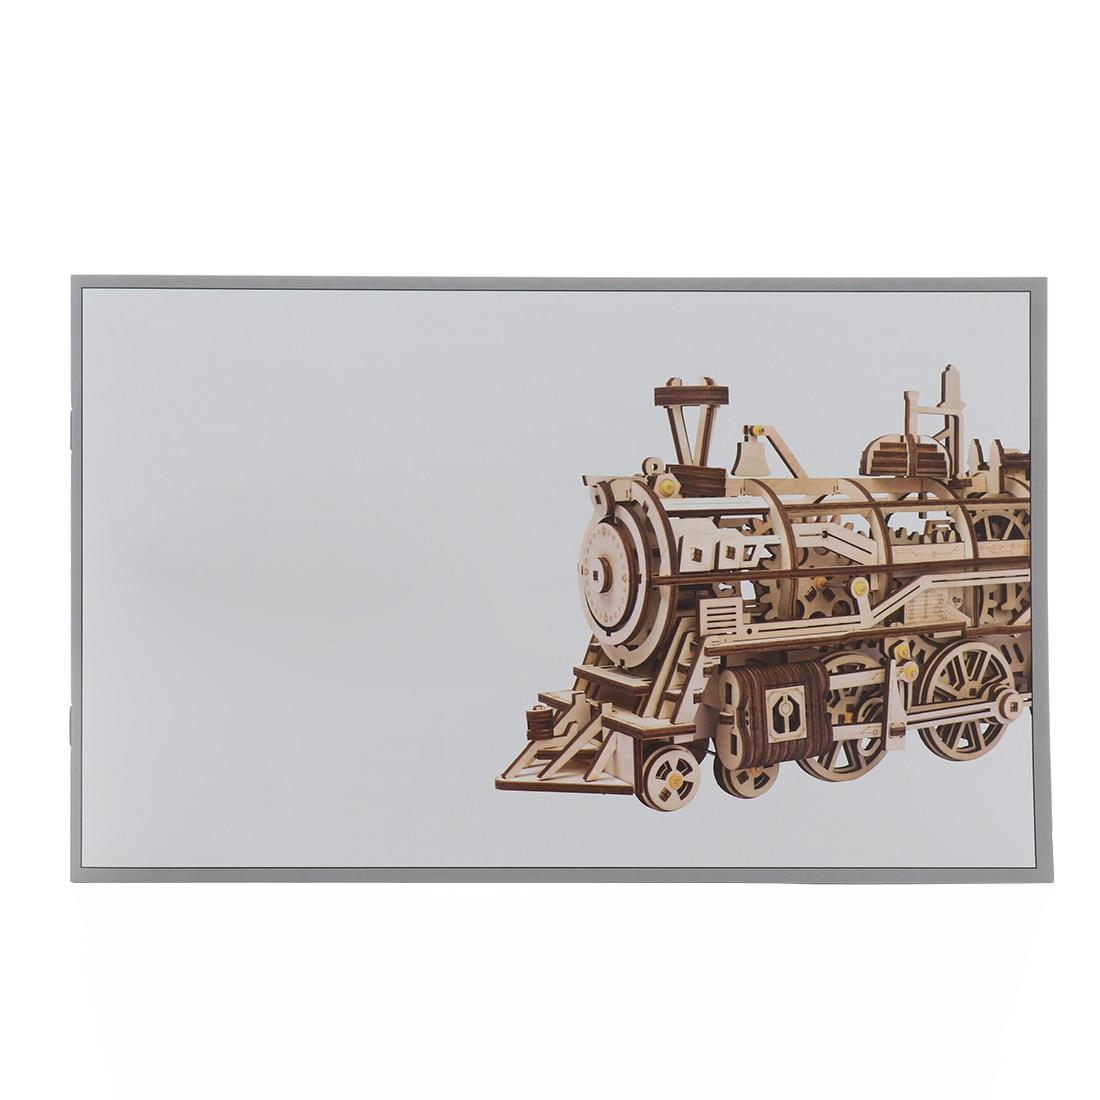 Train à vapeur 3D modèle en bois enfants auto-assemblage Puzzle jouets éducatifs en bois bricolage jouets d'apprentissage pour enfants adultes